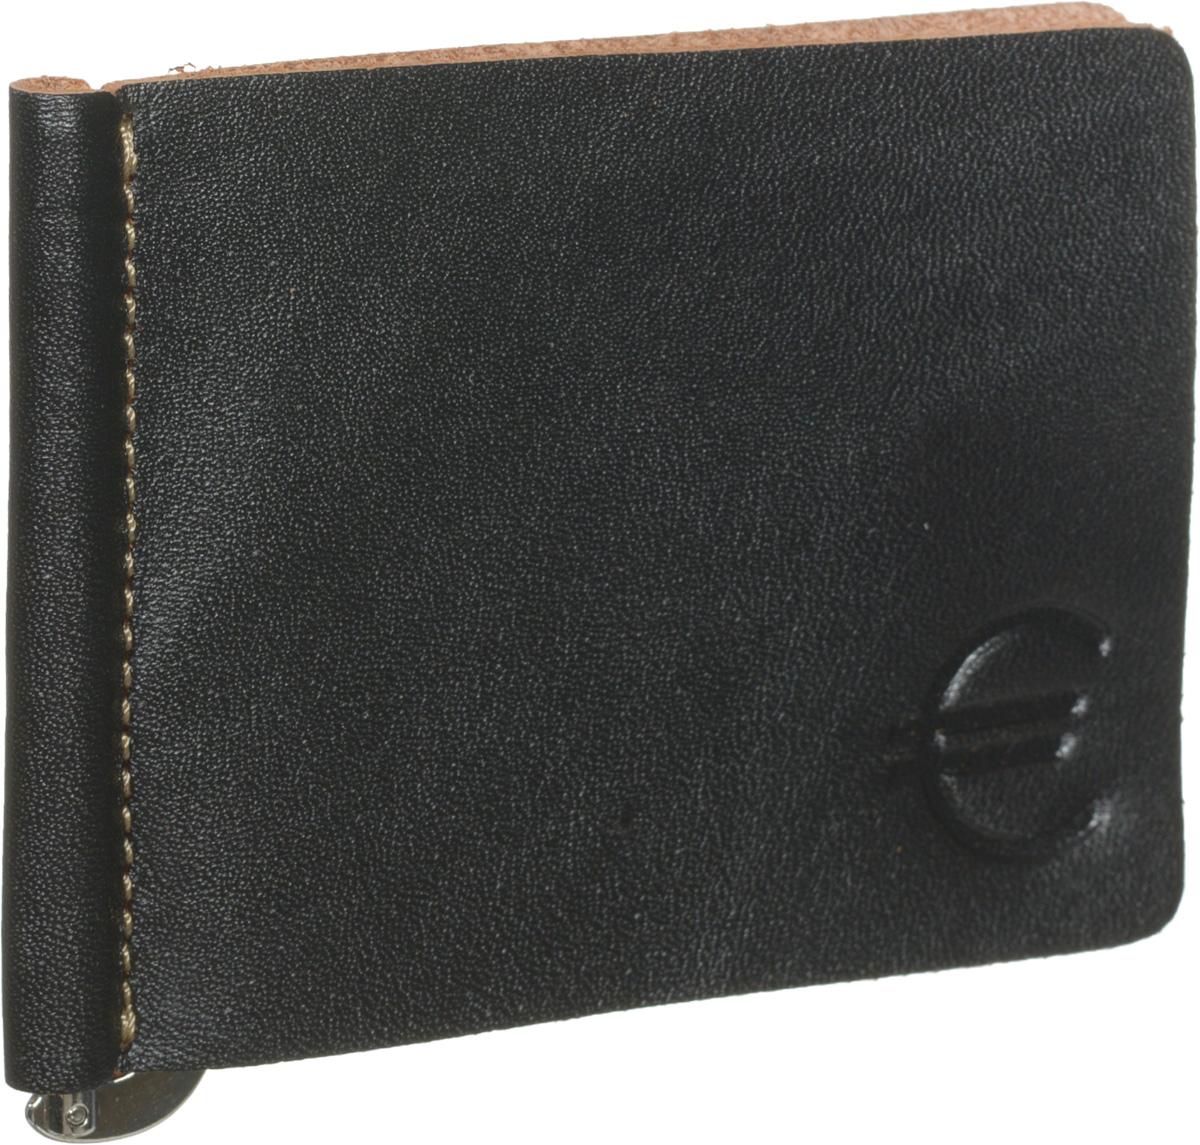 Зажим для купюр мужской Fabula Kansas, цвет: черный. Z.7.TXFBM8434-58AEЗажим для купюр Fabula из коллекции Kansas выполнен в толстой винтажной коже, оформлен контрастной отделочной строчкой и тиснением знак евро.Изделие раскладывается пополам, на внутреннем развороте удобный металлический зажим для купюр.Зажим для купюр упакован в коробку из плотного картона с логотипом фирмы.Этот практичный зажим для купюр непременно подойдет к вашему образу, а также порадует вас своей простотой, стилем и функциональностью.